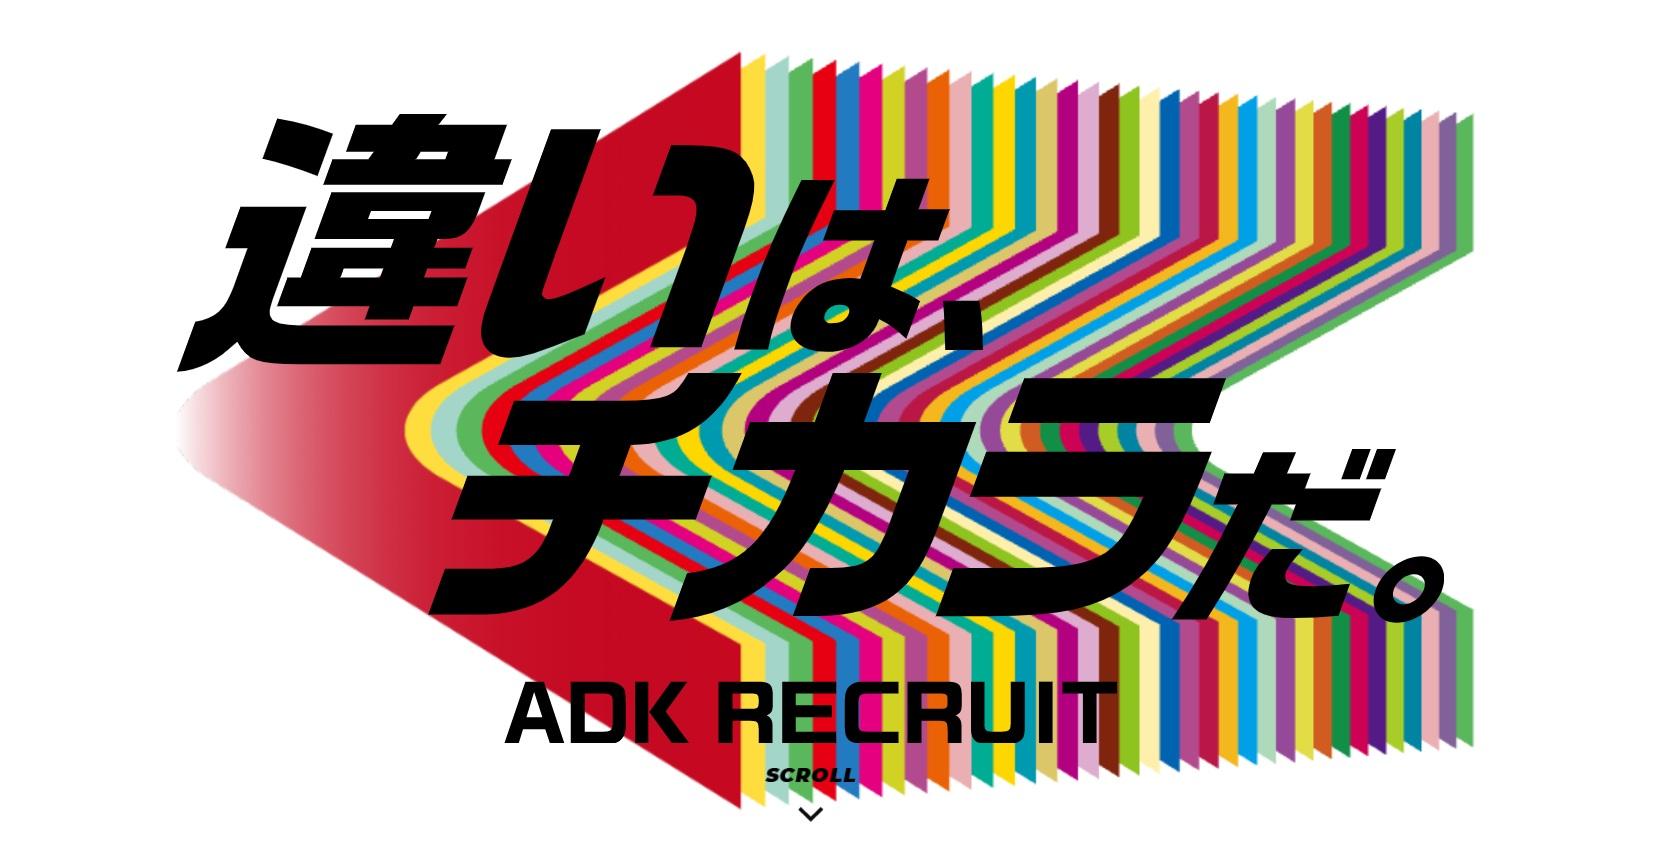 株式会社アサツーディ・ケイ(ADK)への転職お役立ち情報!売上や年収、社風について解説します